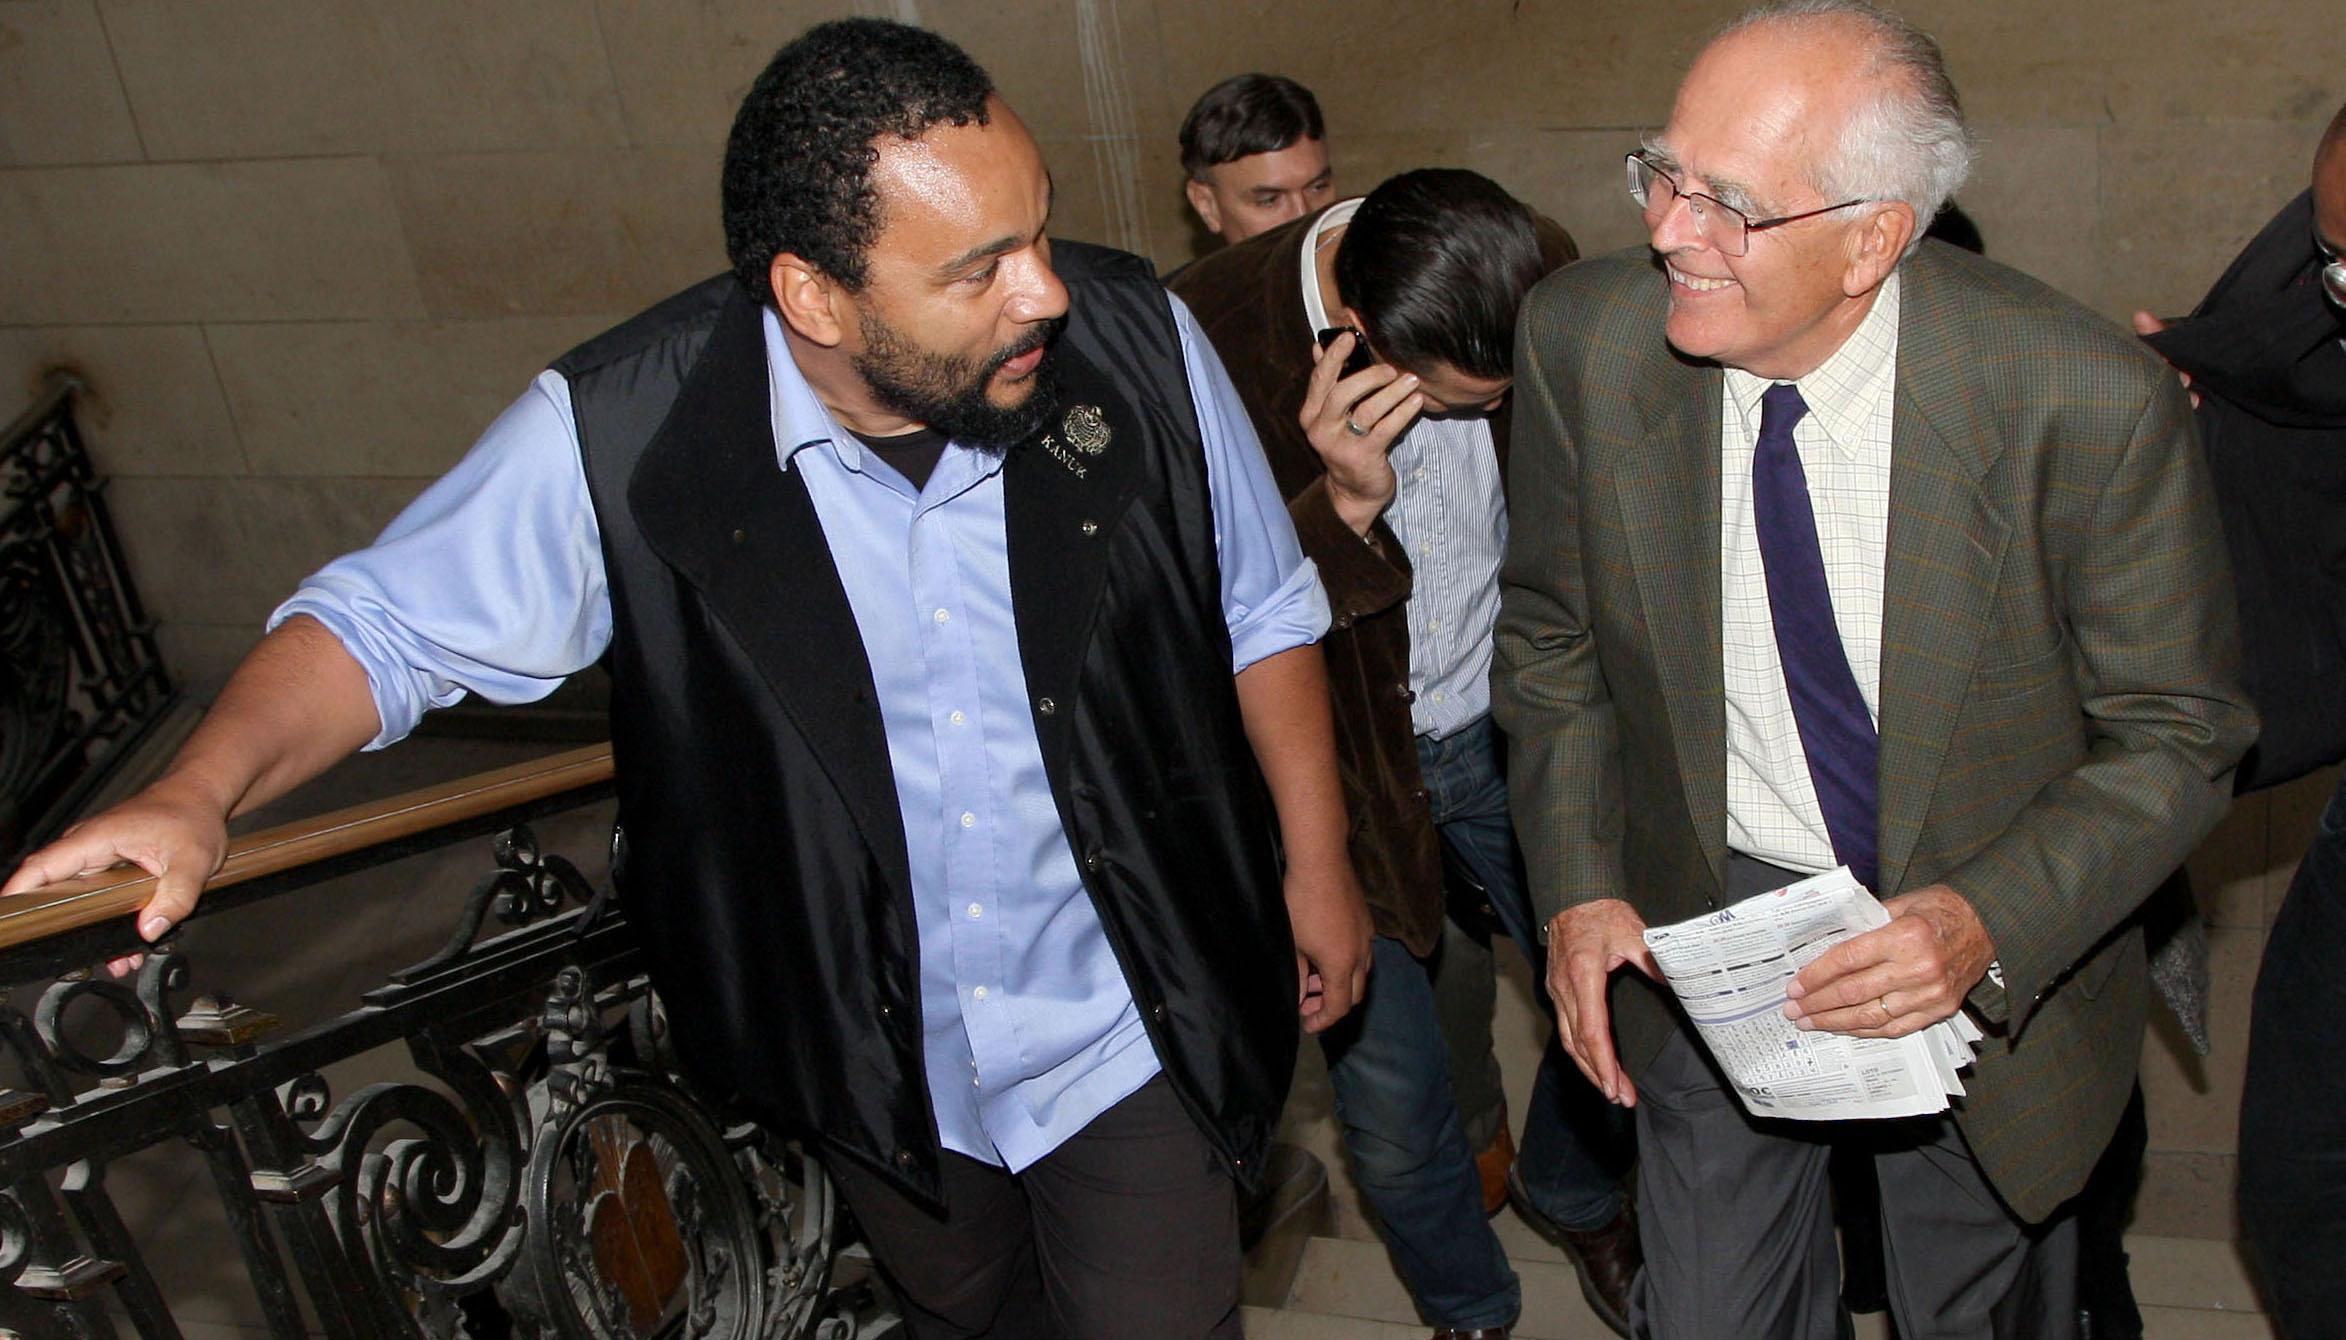 Dieudonné et Robert Faurrisson au Palais de Justice.